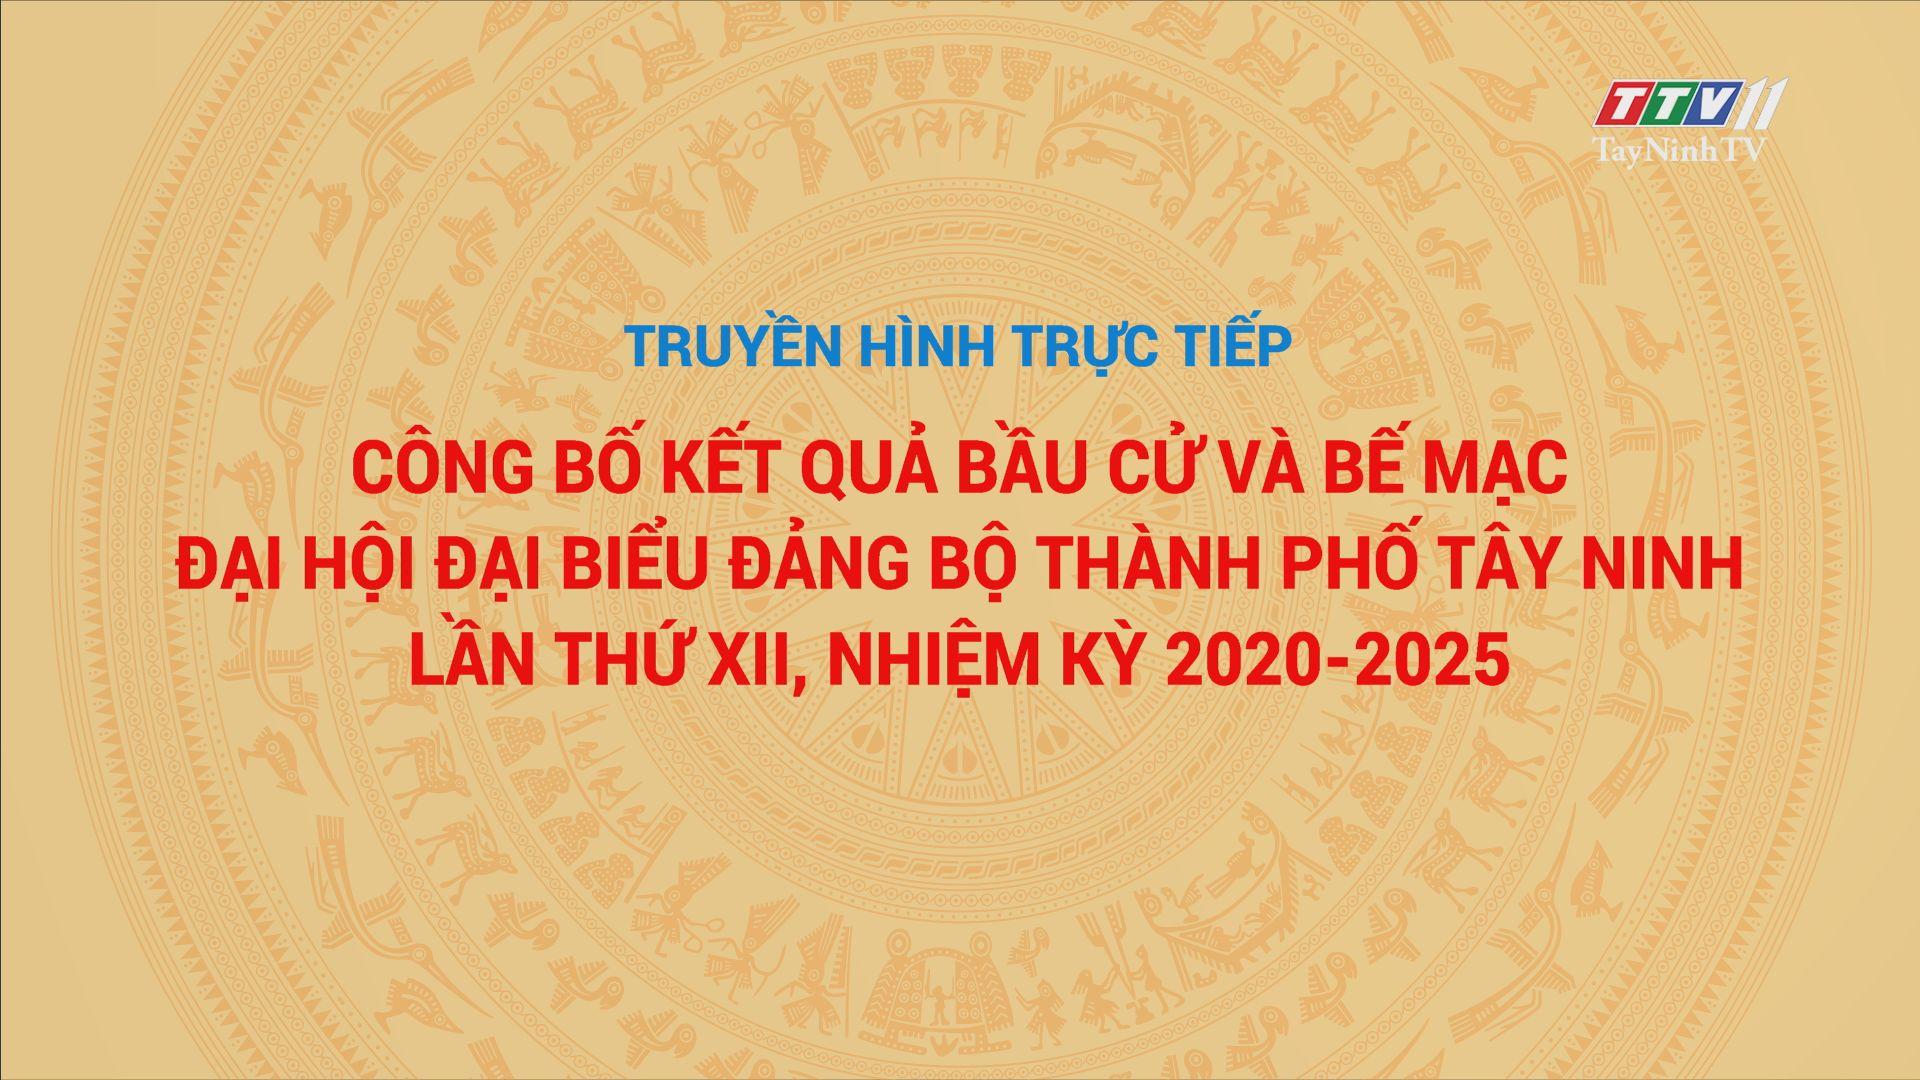 CÔNG BỐ KẾT QUẢ BẦU CỬ VÀ BẾ MẠC ĐẠI HỘI ĐẠI BIỂU ĐẢNG BỘ TP.TÂY NINH LẦN THỨ XII NHIỆM KỲ 2020-2025 | Truyền hình trực tiếp | TayNinhTV